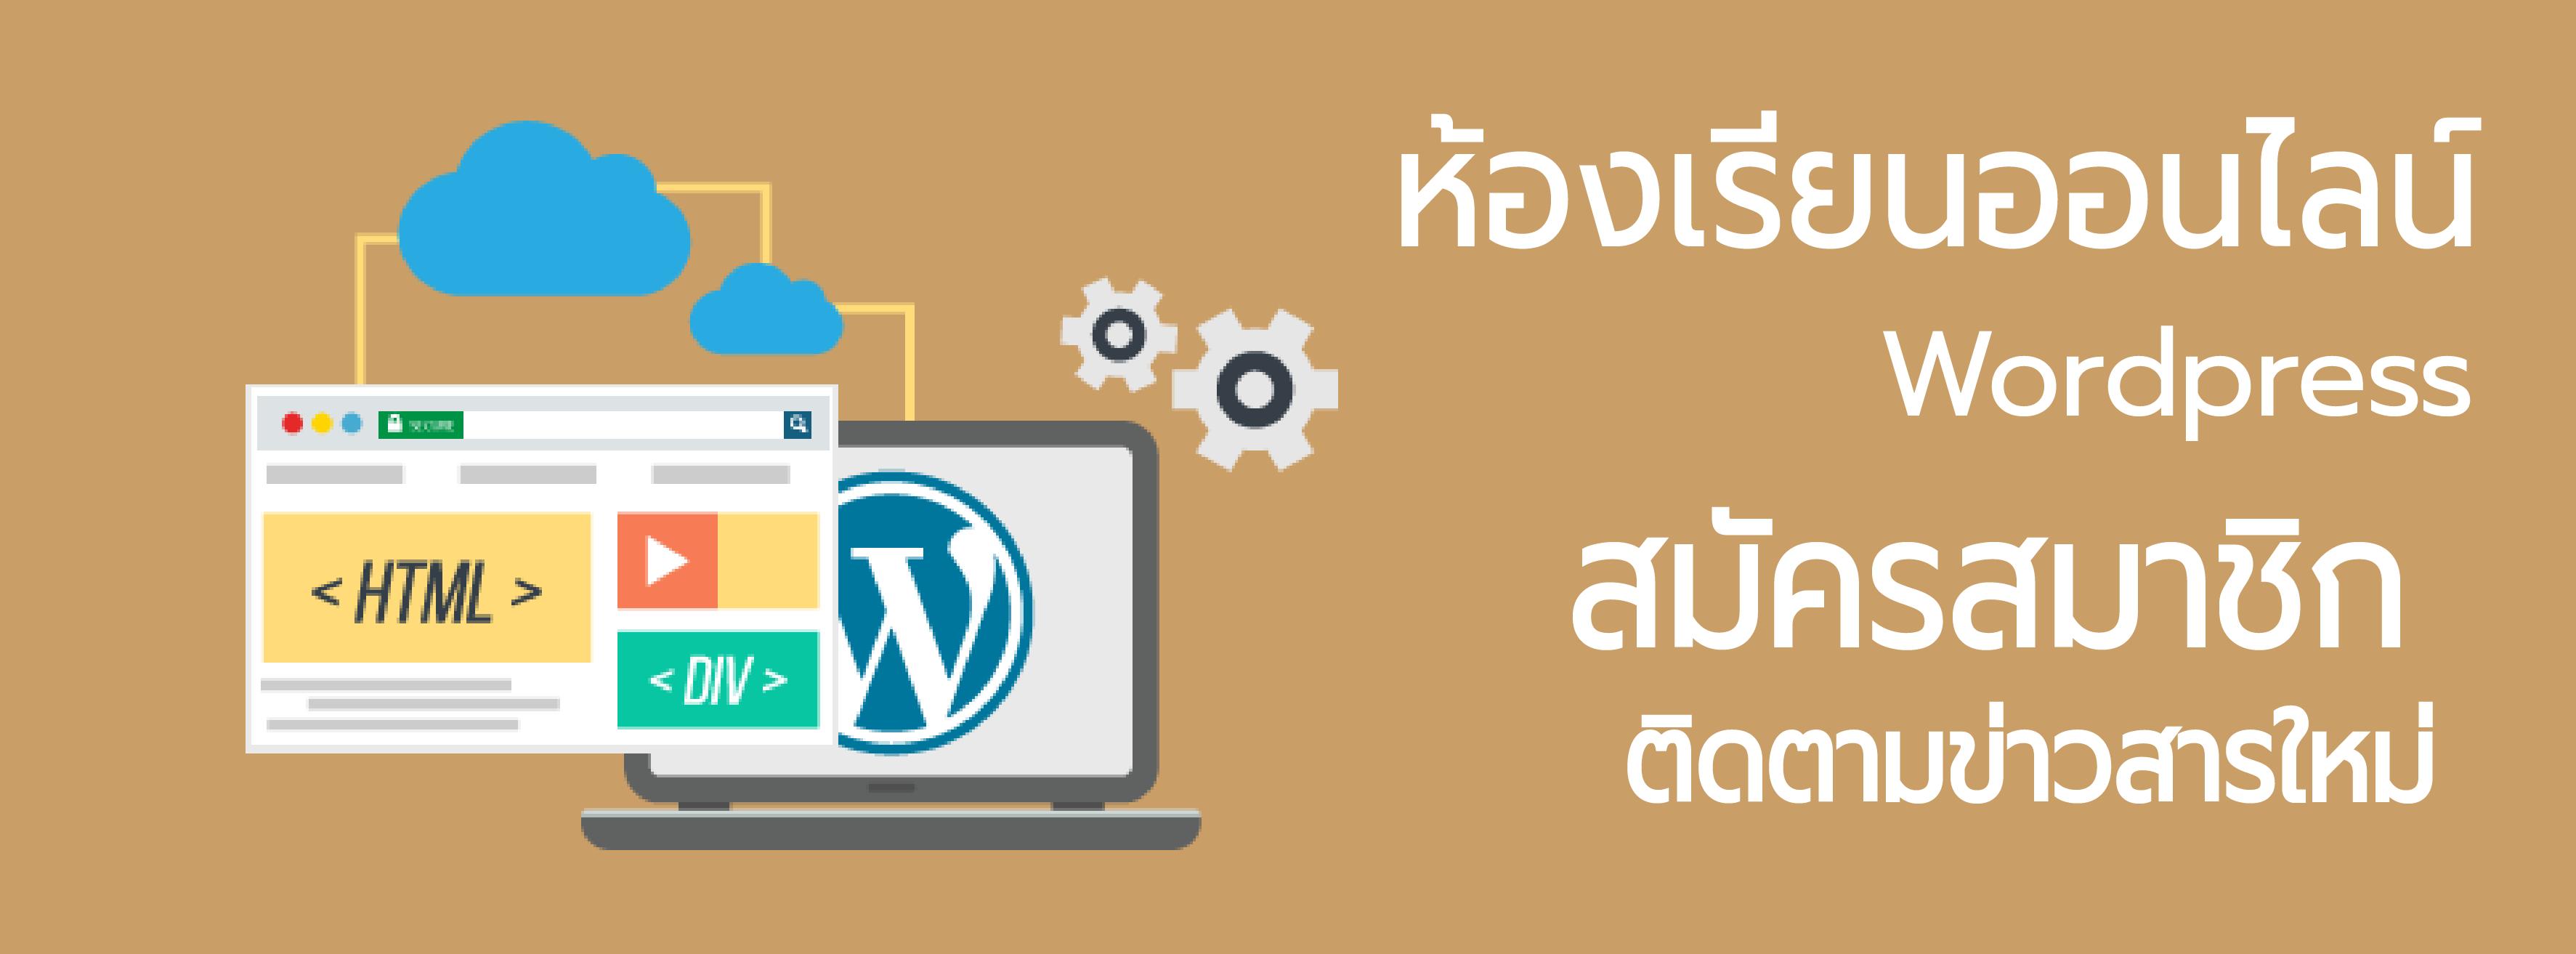 คอร์สเรียน WordPress ออนไลน์